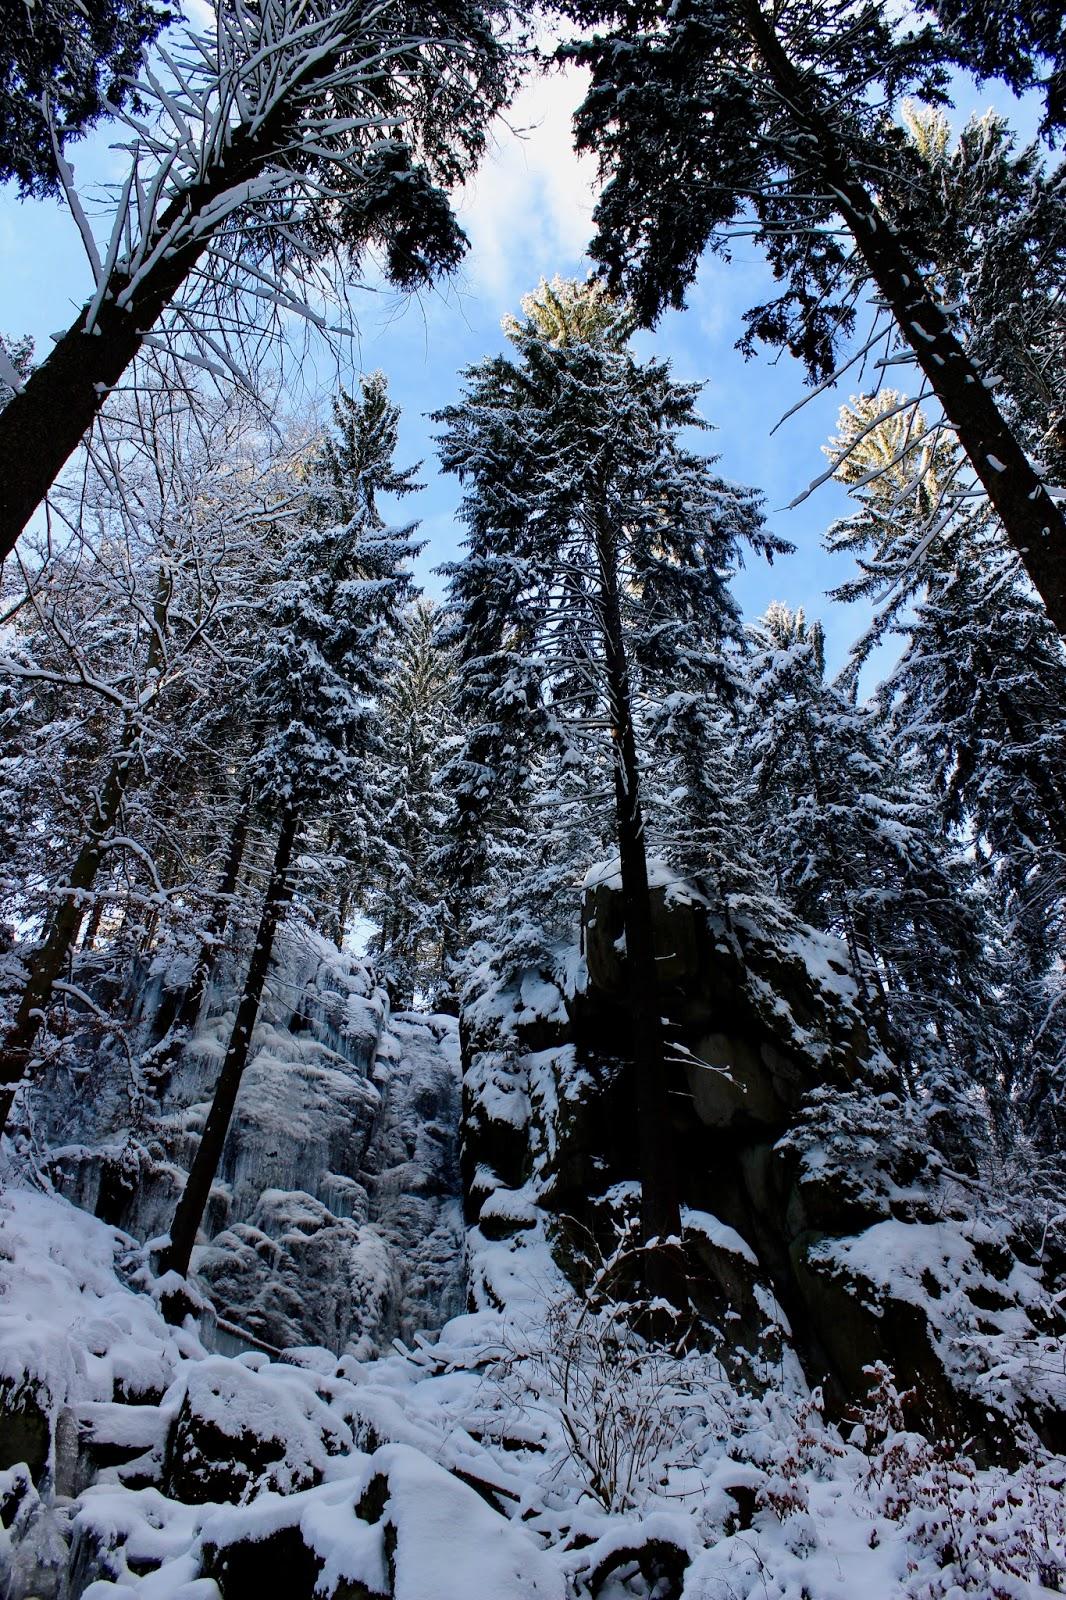 Blauenthaler-Wasserfall-Eibenstock-winter-frozen-schnee-erzgebirge